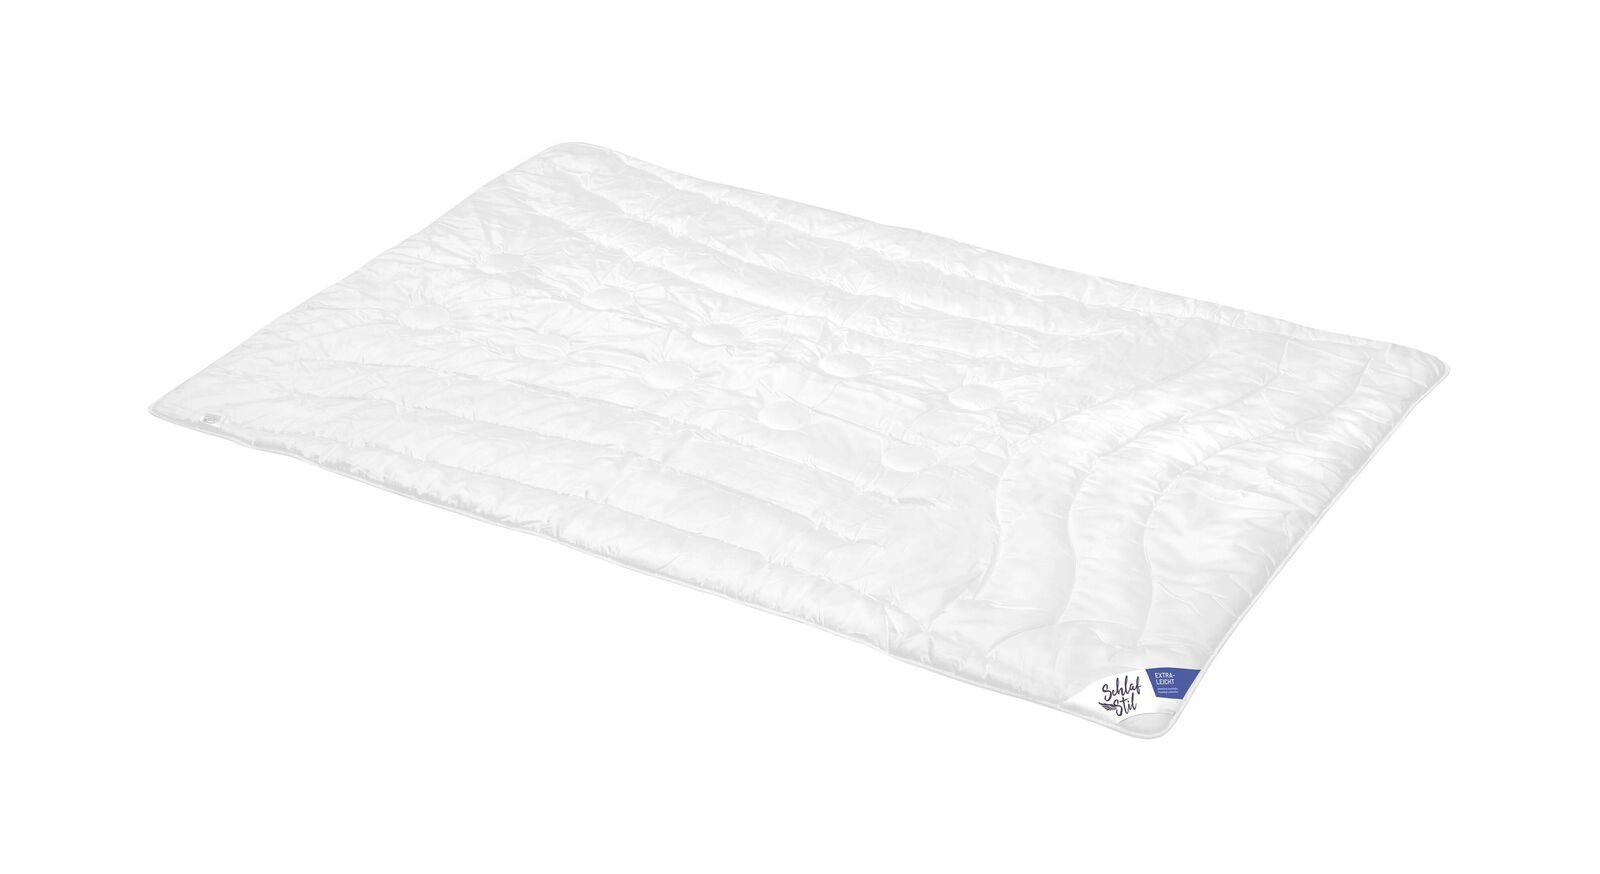 SCHLAFSTIL Kamelhaar-Flaum-Bettdecke N500 extra leicht für den Sommer